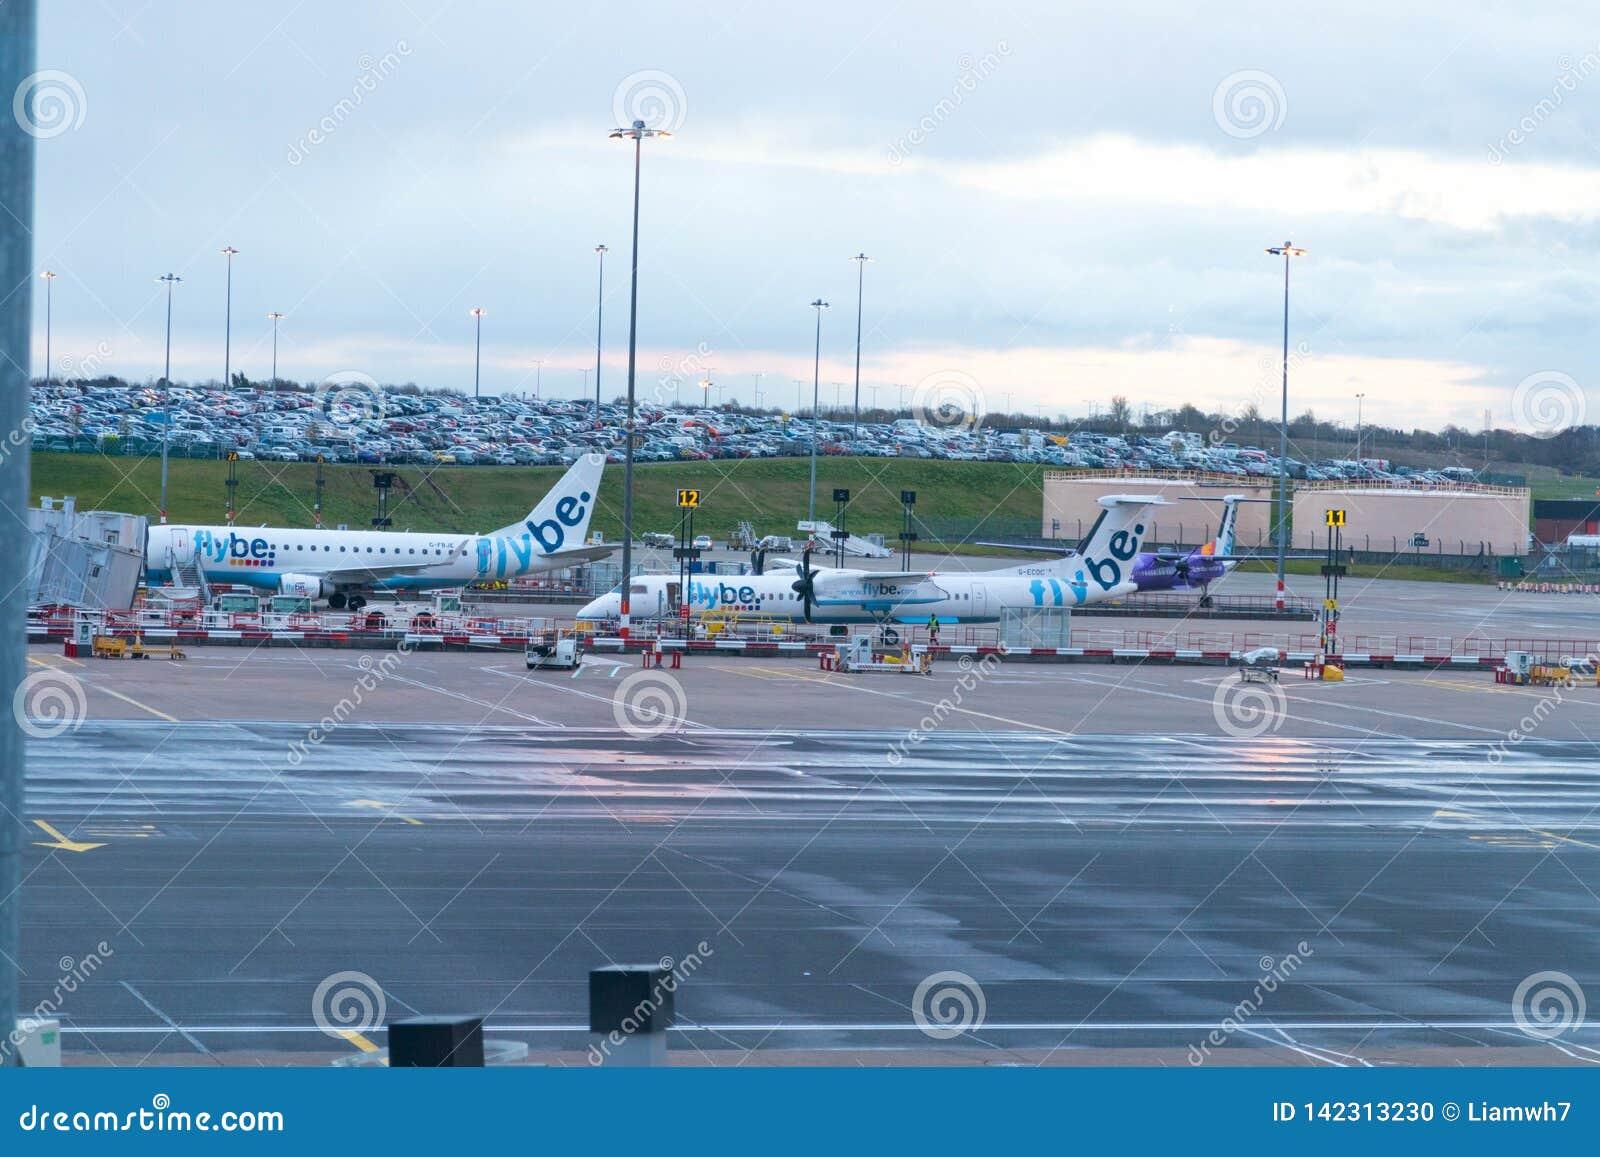 Бирмингем Великобритания - 03 03 19: Самолет ворот гудронированного шоссе аэропорта Бирмингема